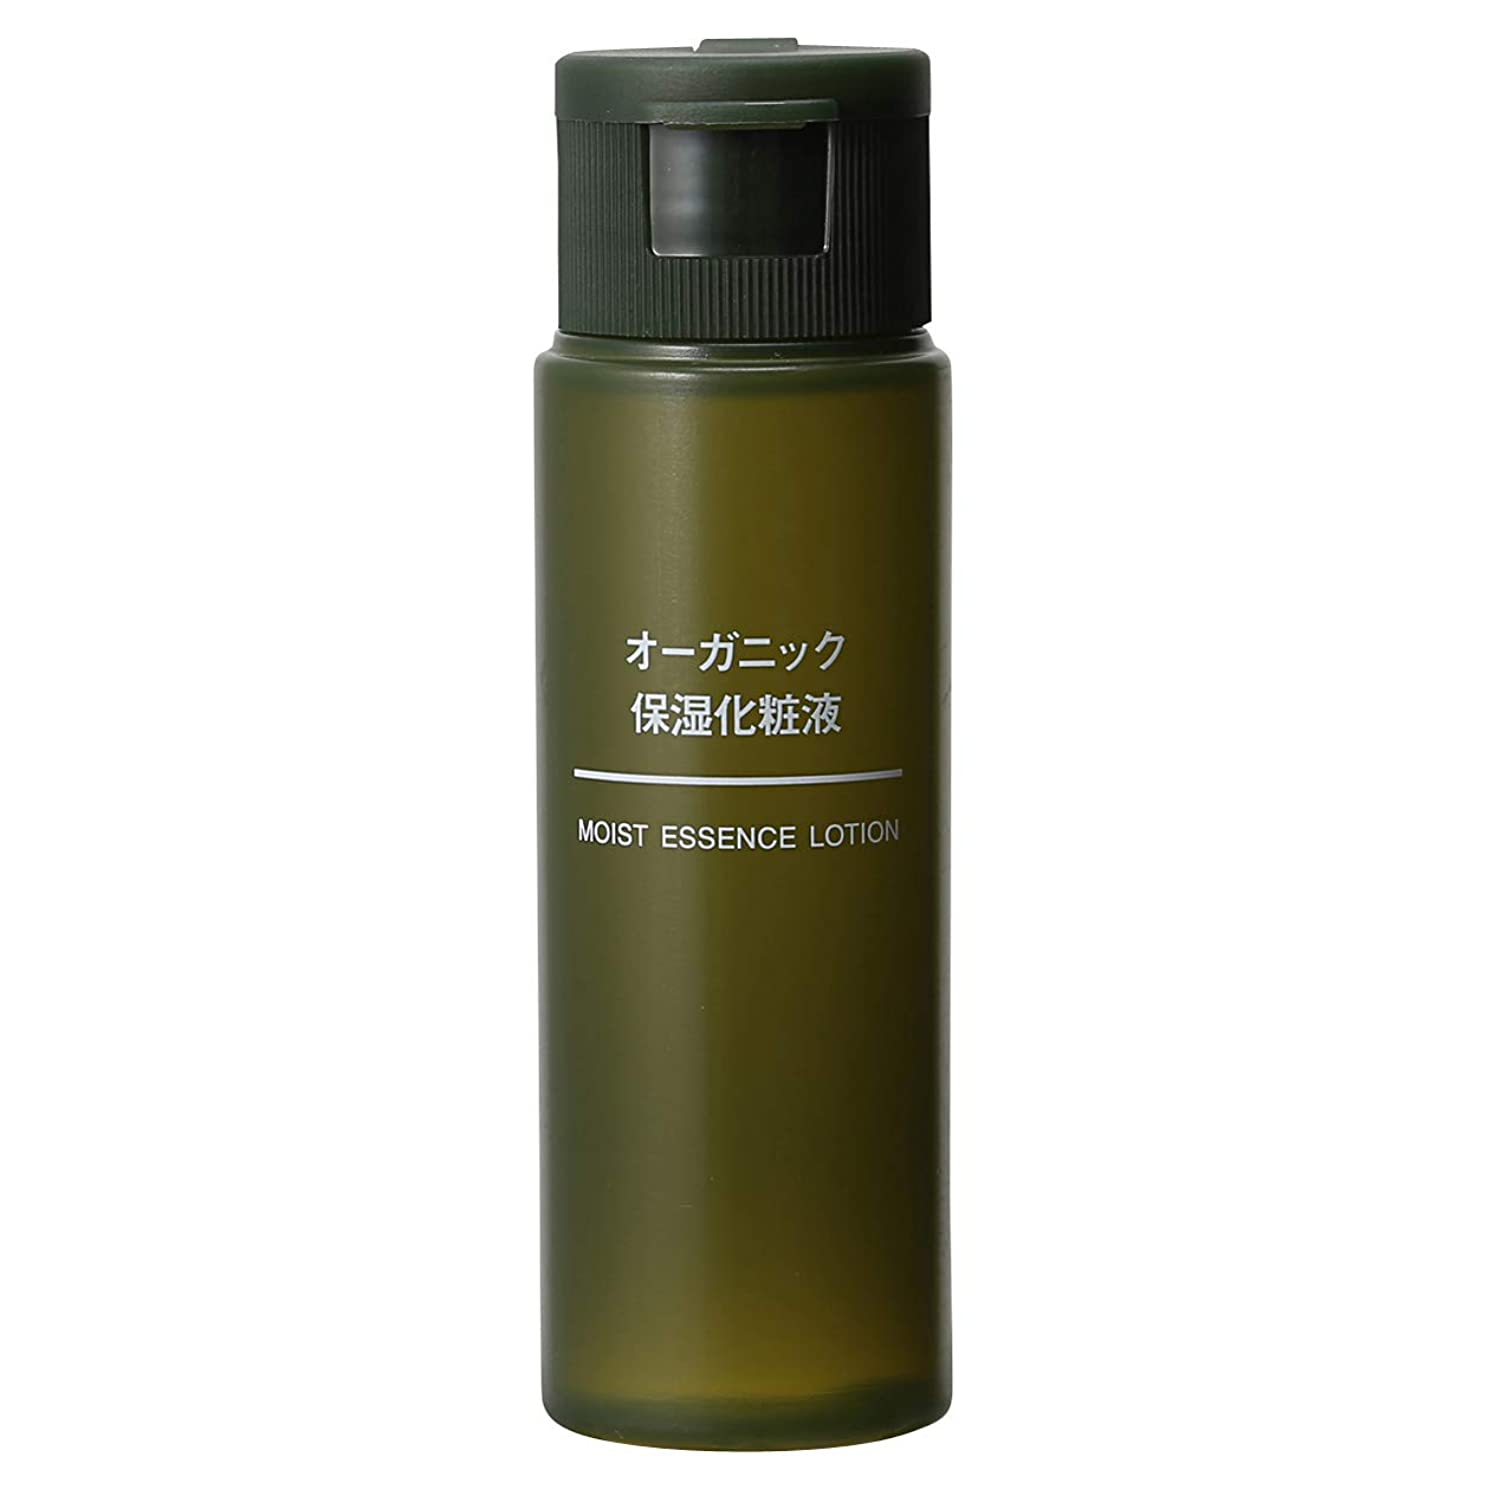 ホイッスル同化辞書無印良品 オーガニック保湿化粧液(携帯用) 50ml